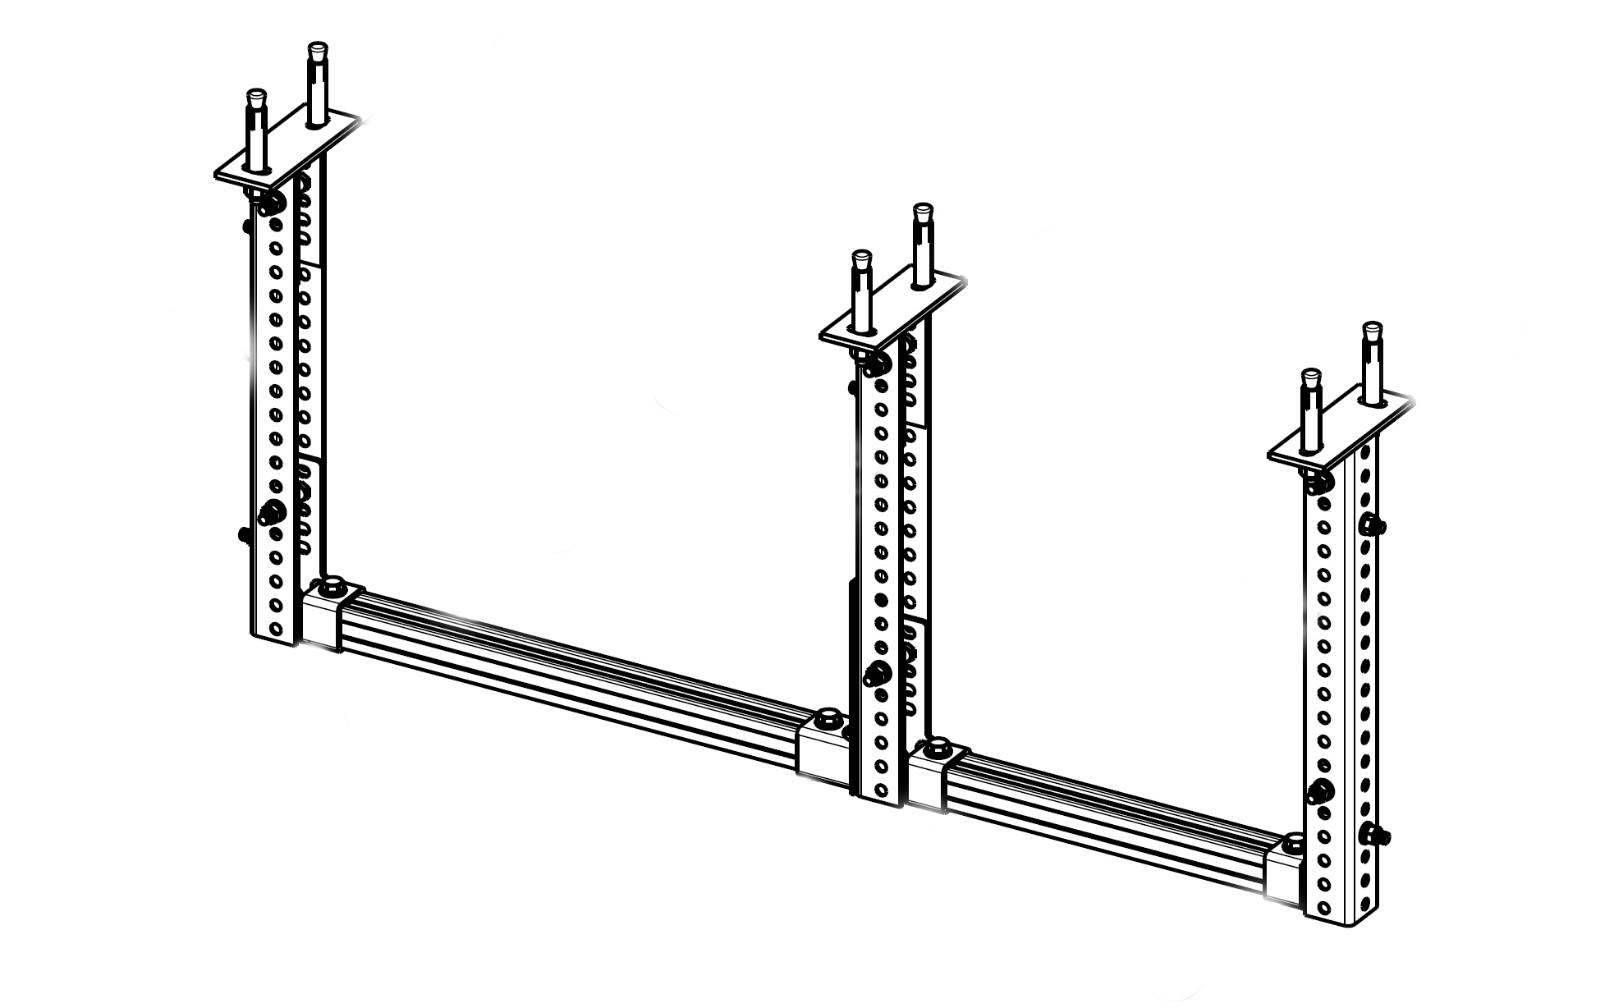 颠覆!!bob电竞ios士专利SR装配式支吊系统新品重磅上市,开创支吊架系统新纪元